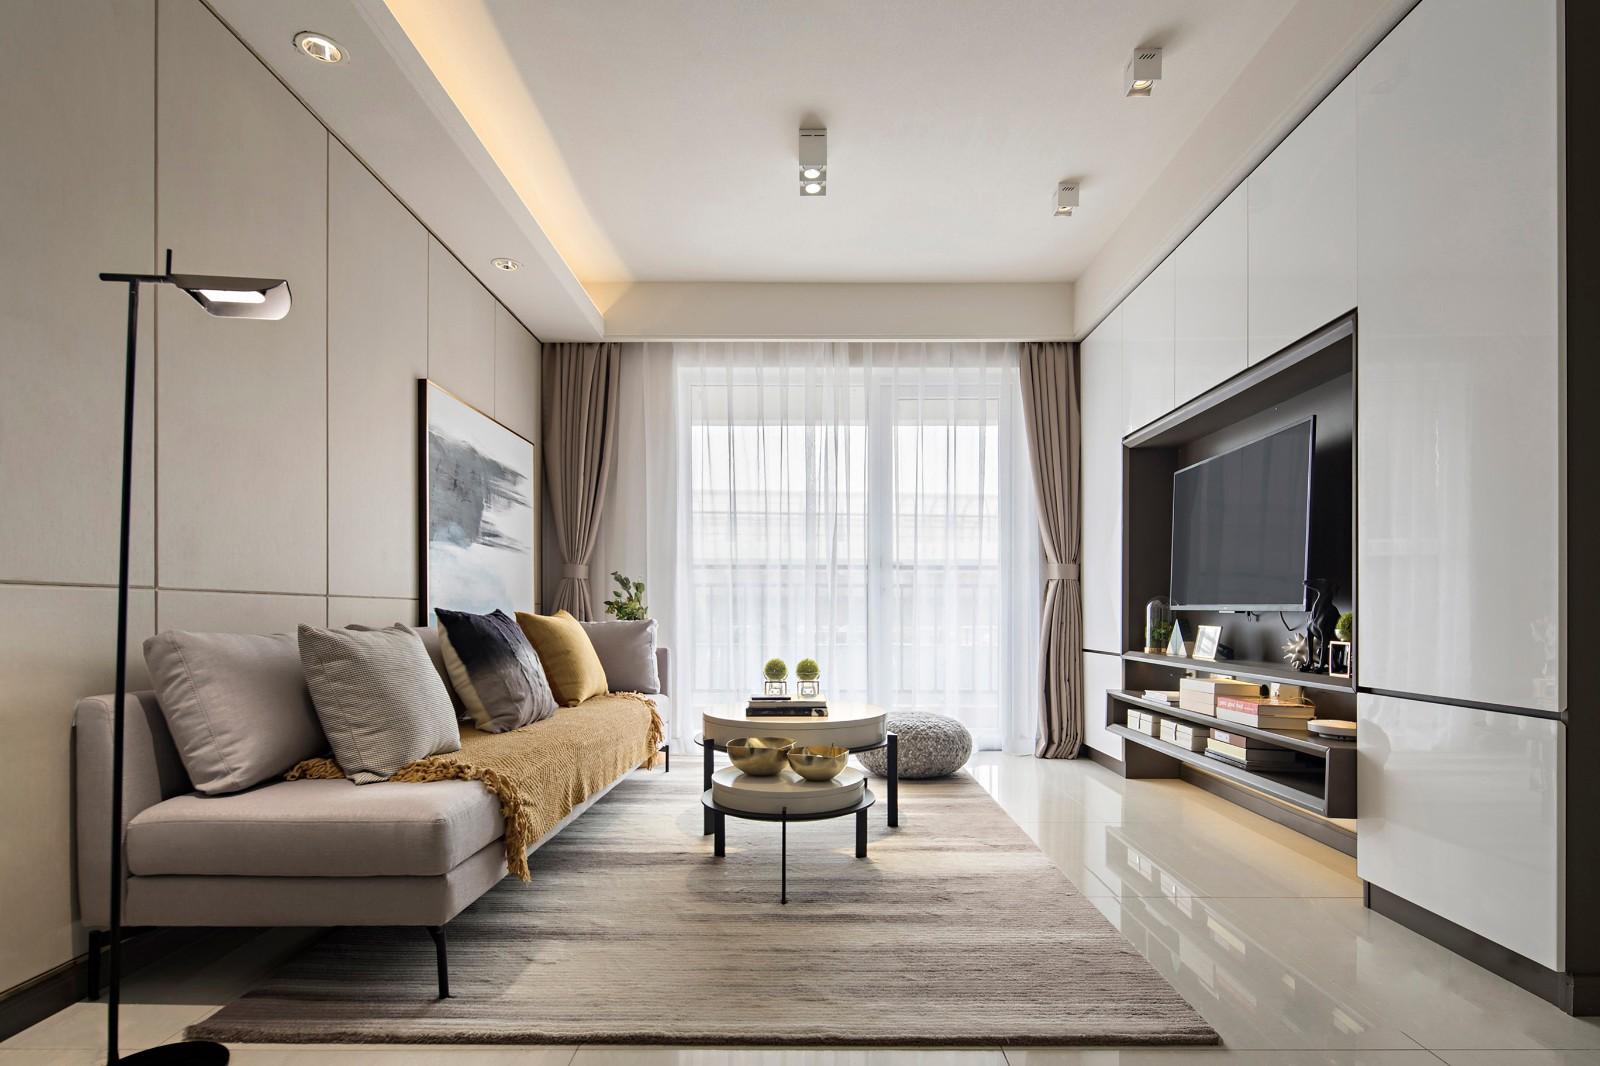 3室2卫2厅123平米现代风格